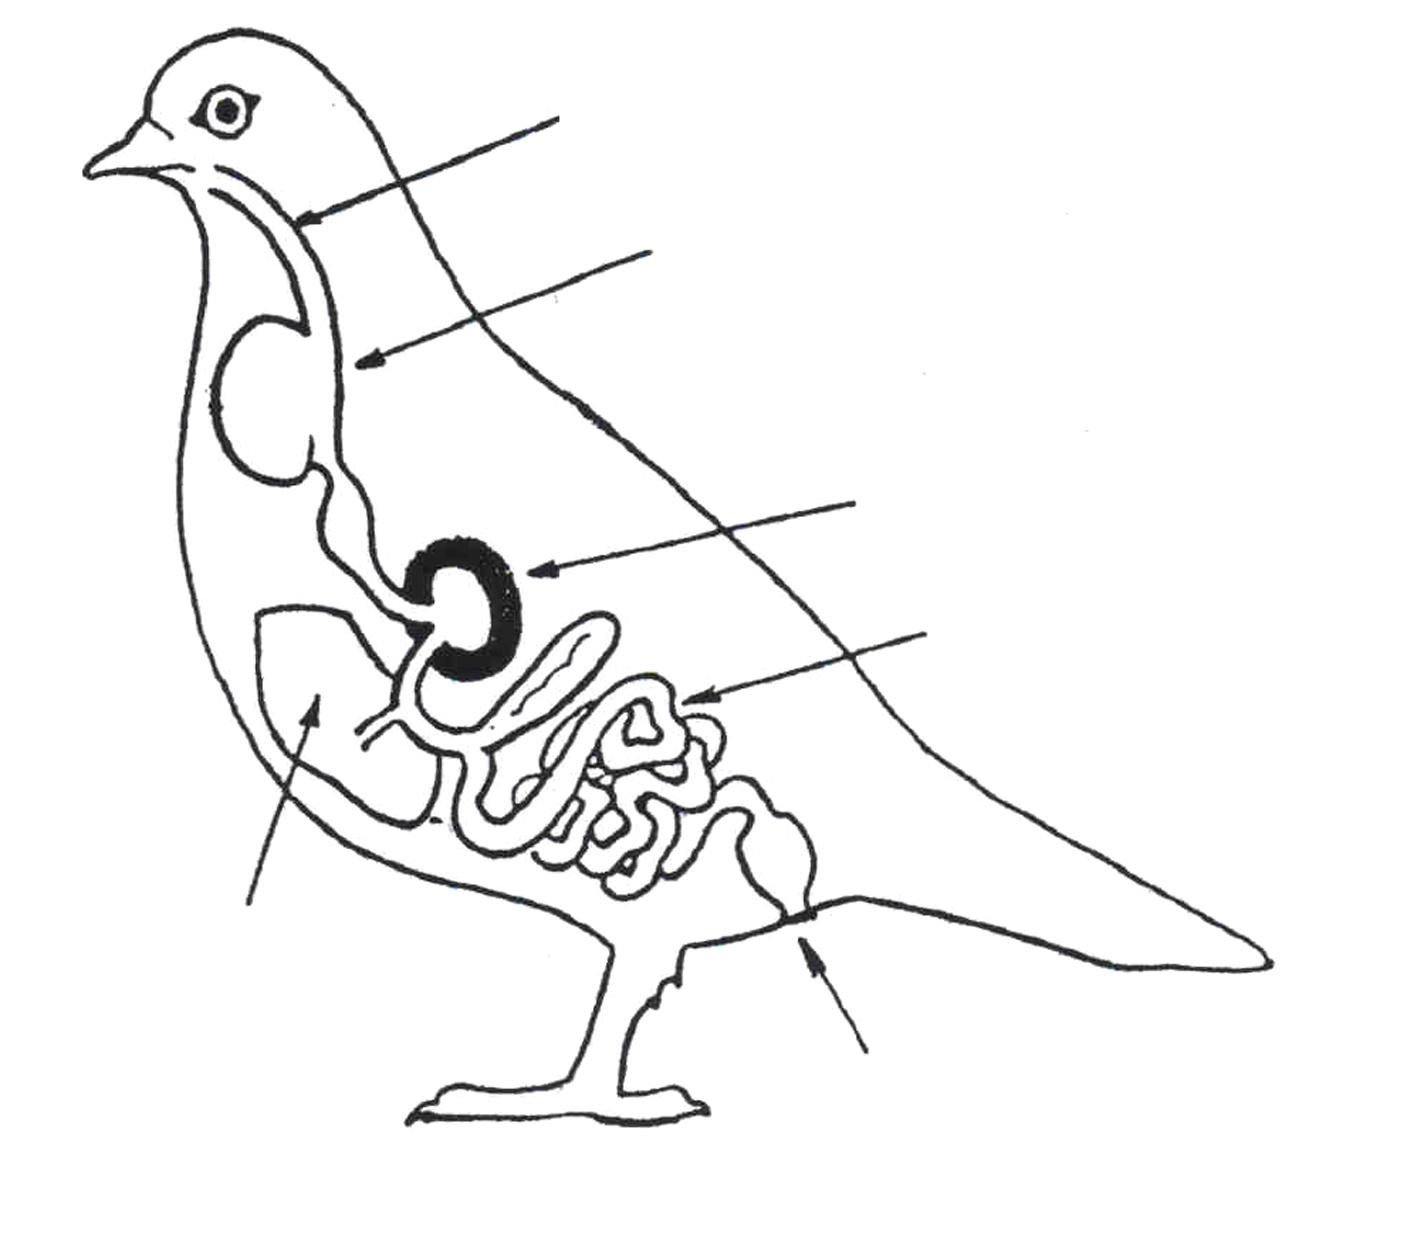 Dessine un oiseau galerie tatouage - Comment dessiner un oiseau facile ...